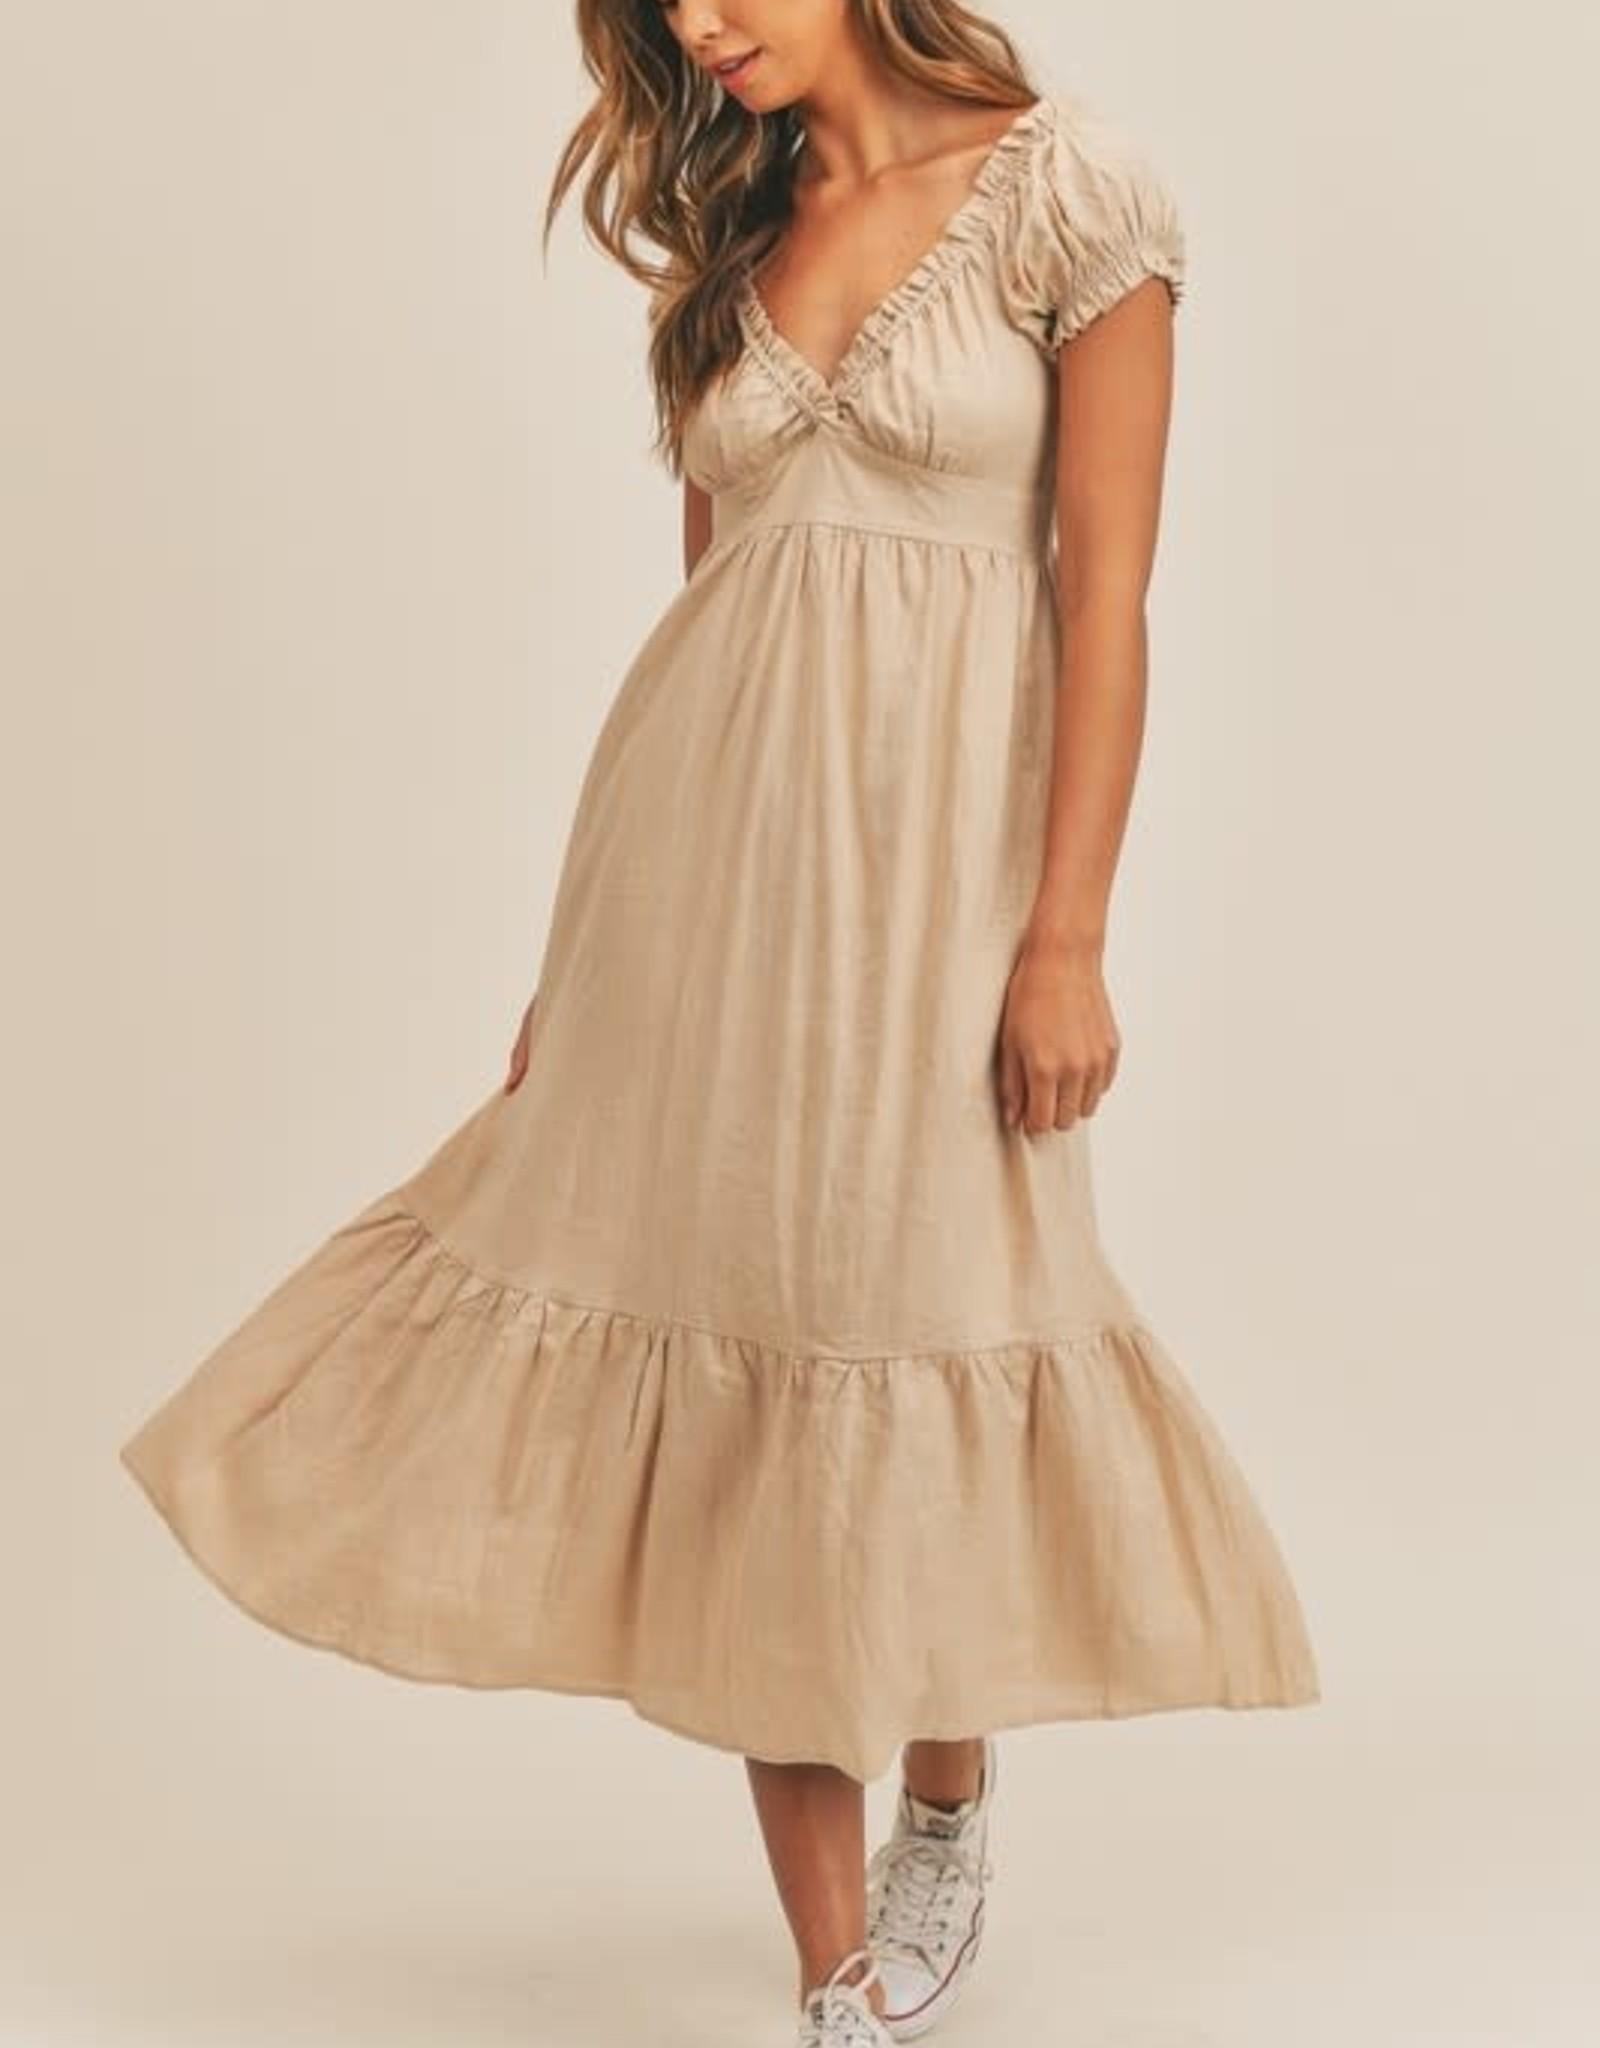 The Kyler Dress